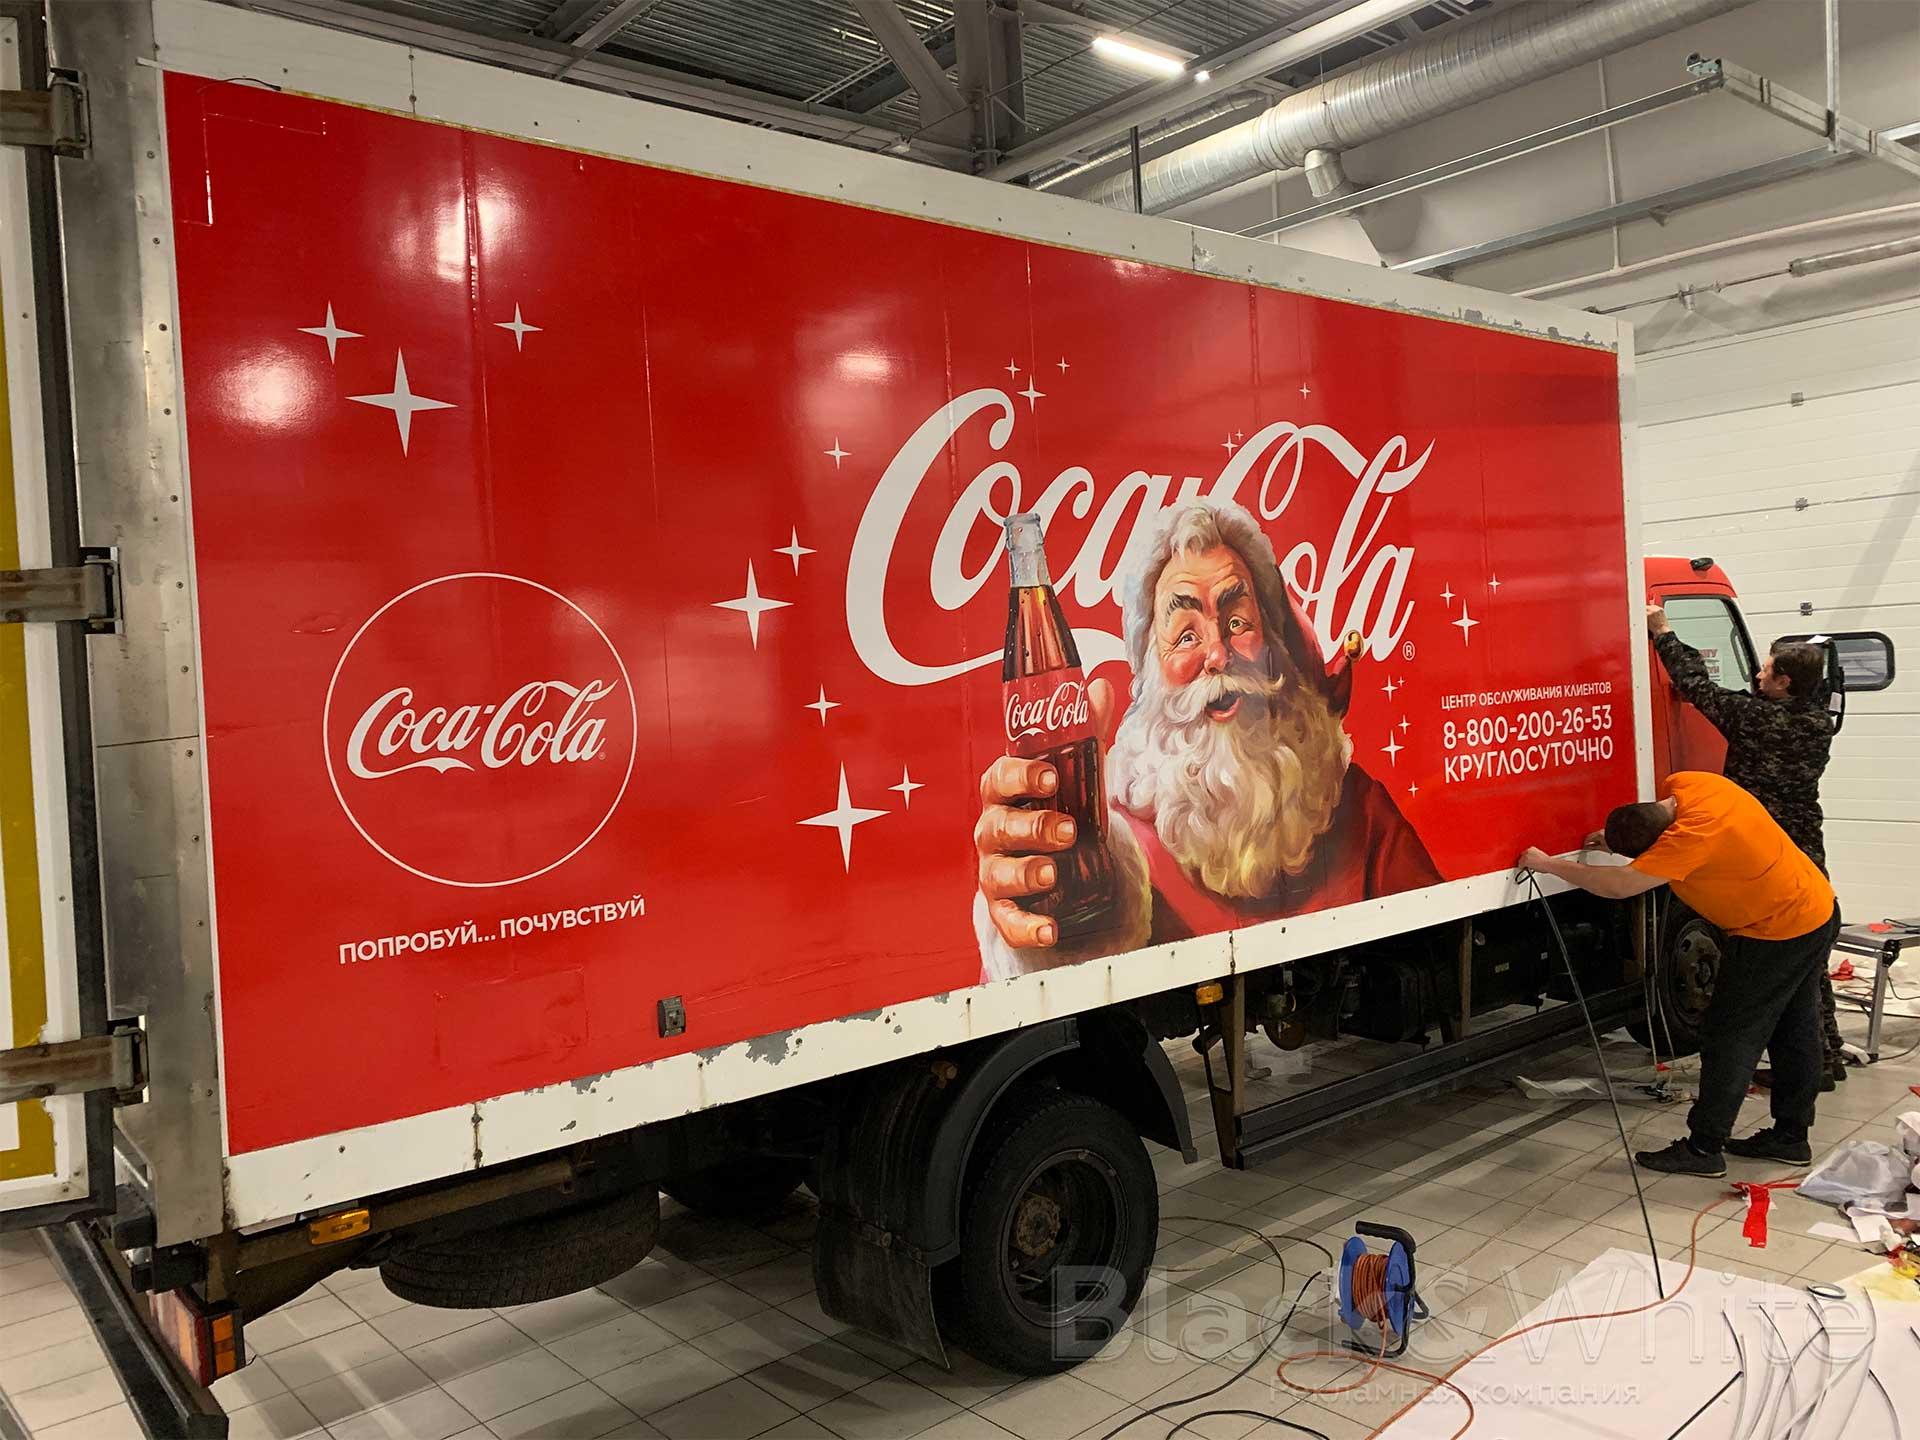 Брендирование-грузовиков-Кока-Кола-подсветка-светодиодной-лентой-красноярск...jpg